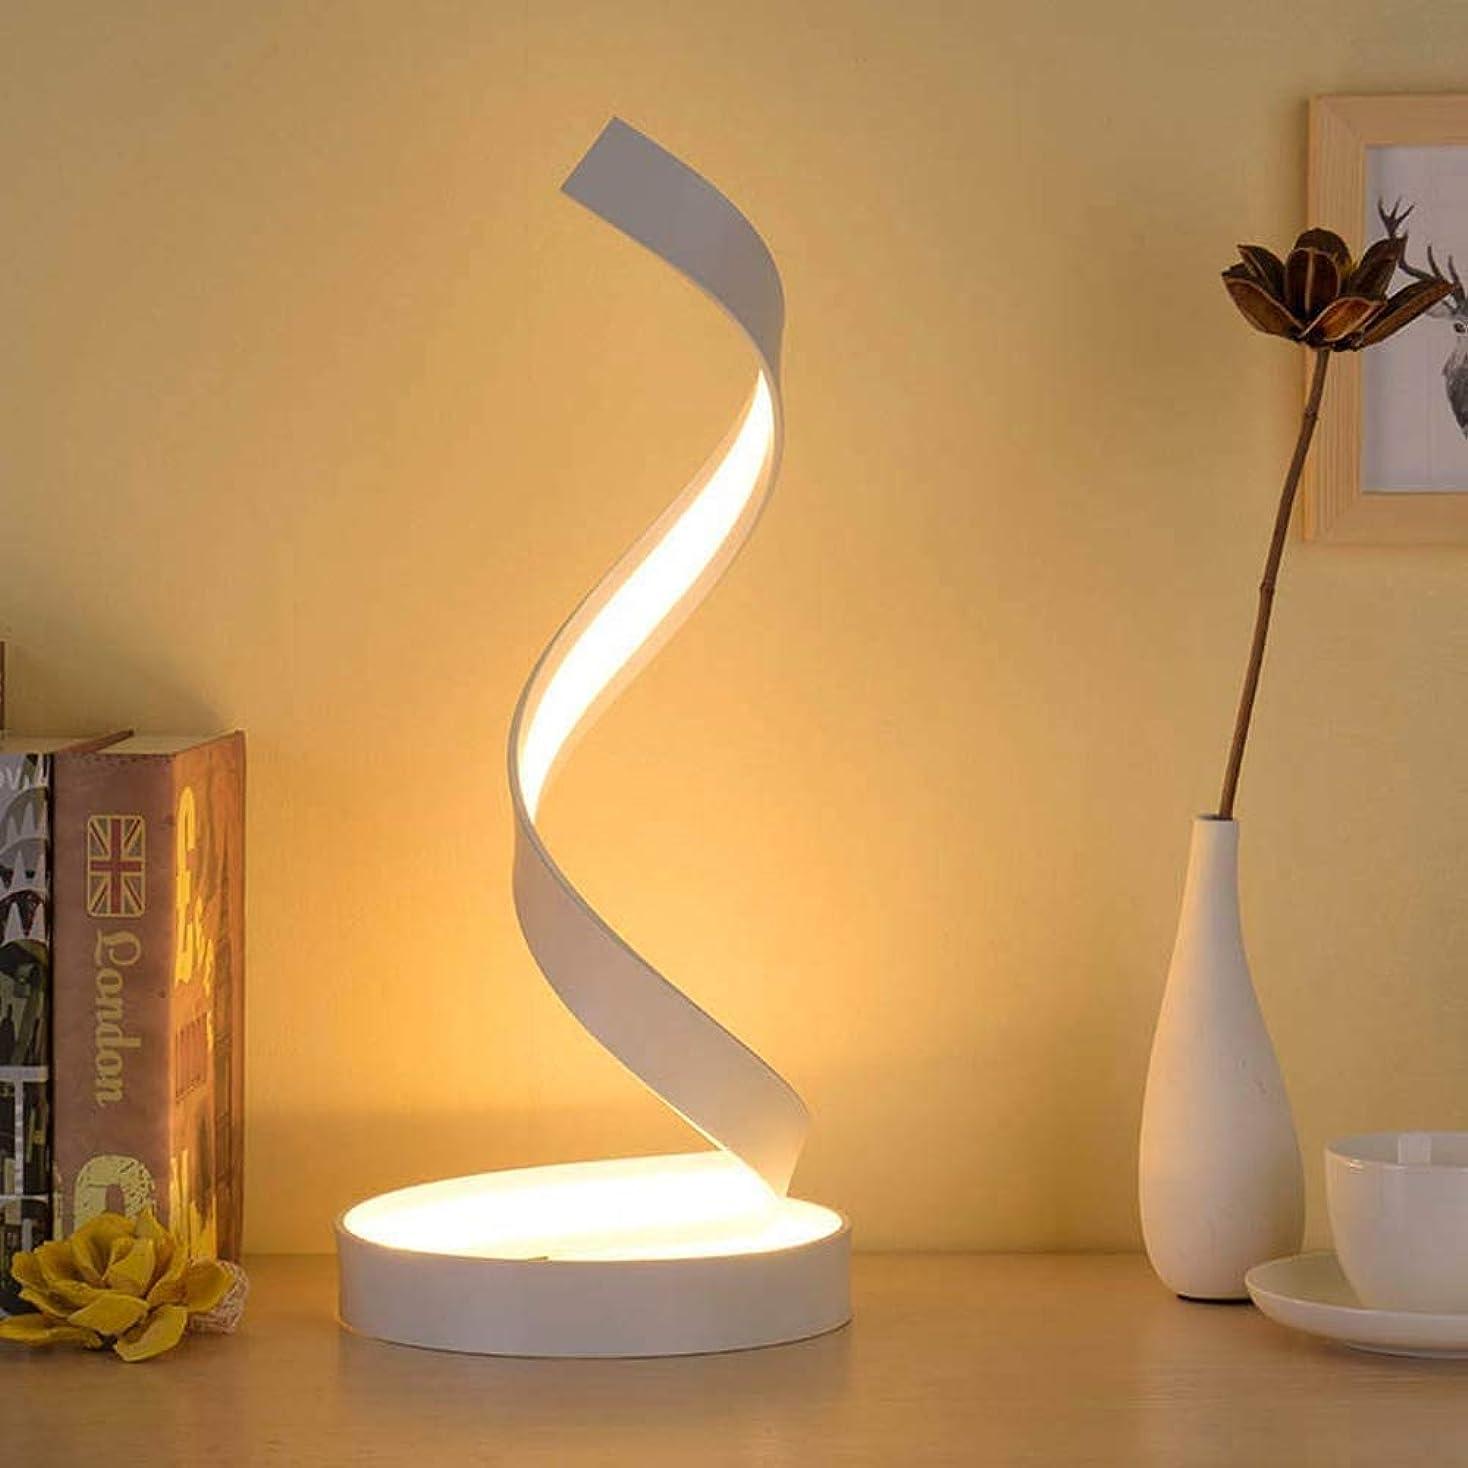 流行している効能ある入射18ワットledスパイラルテーブルランプ現代のファッション寝室のベッドサイドアルミ合金アクリルデスクライト48 * 19センチホワイト暖かいエレガント スタイリッシュで美しいです (色 : 白色光)